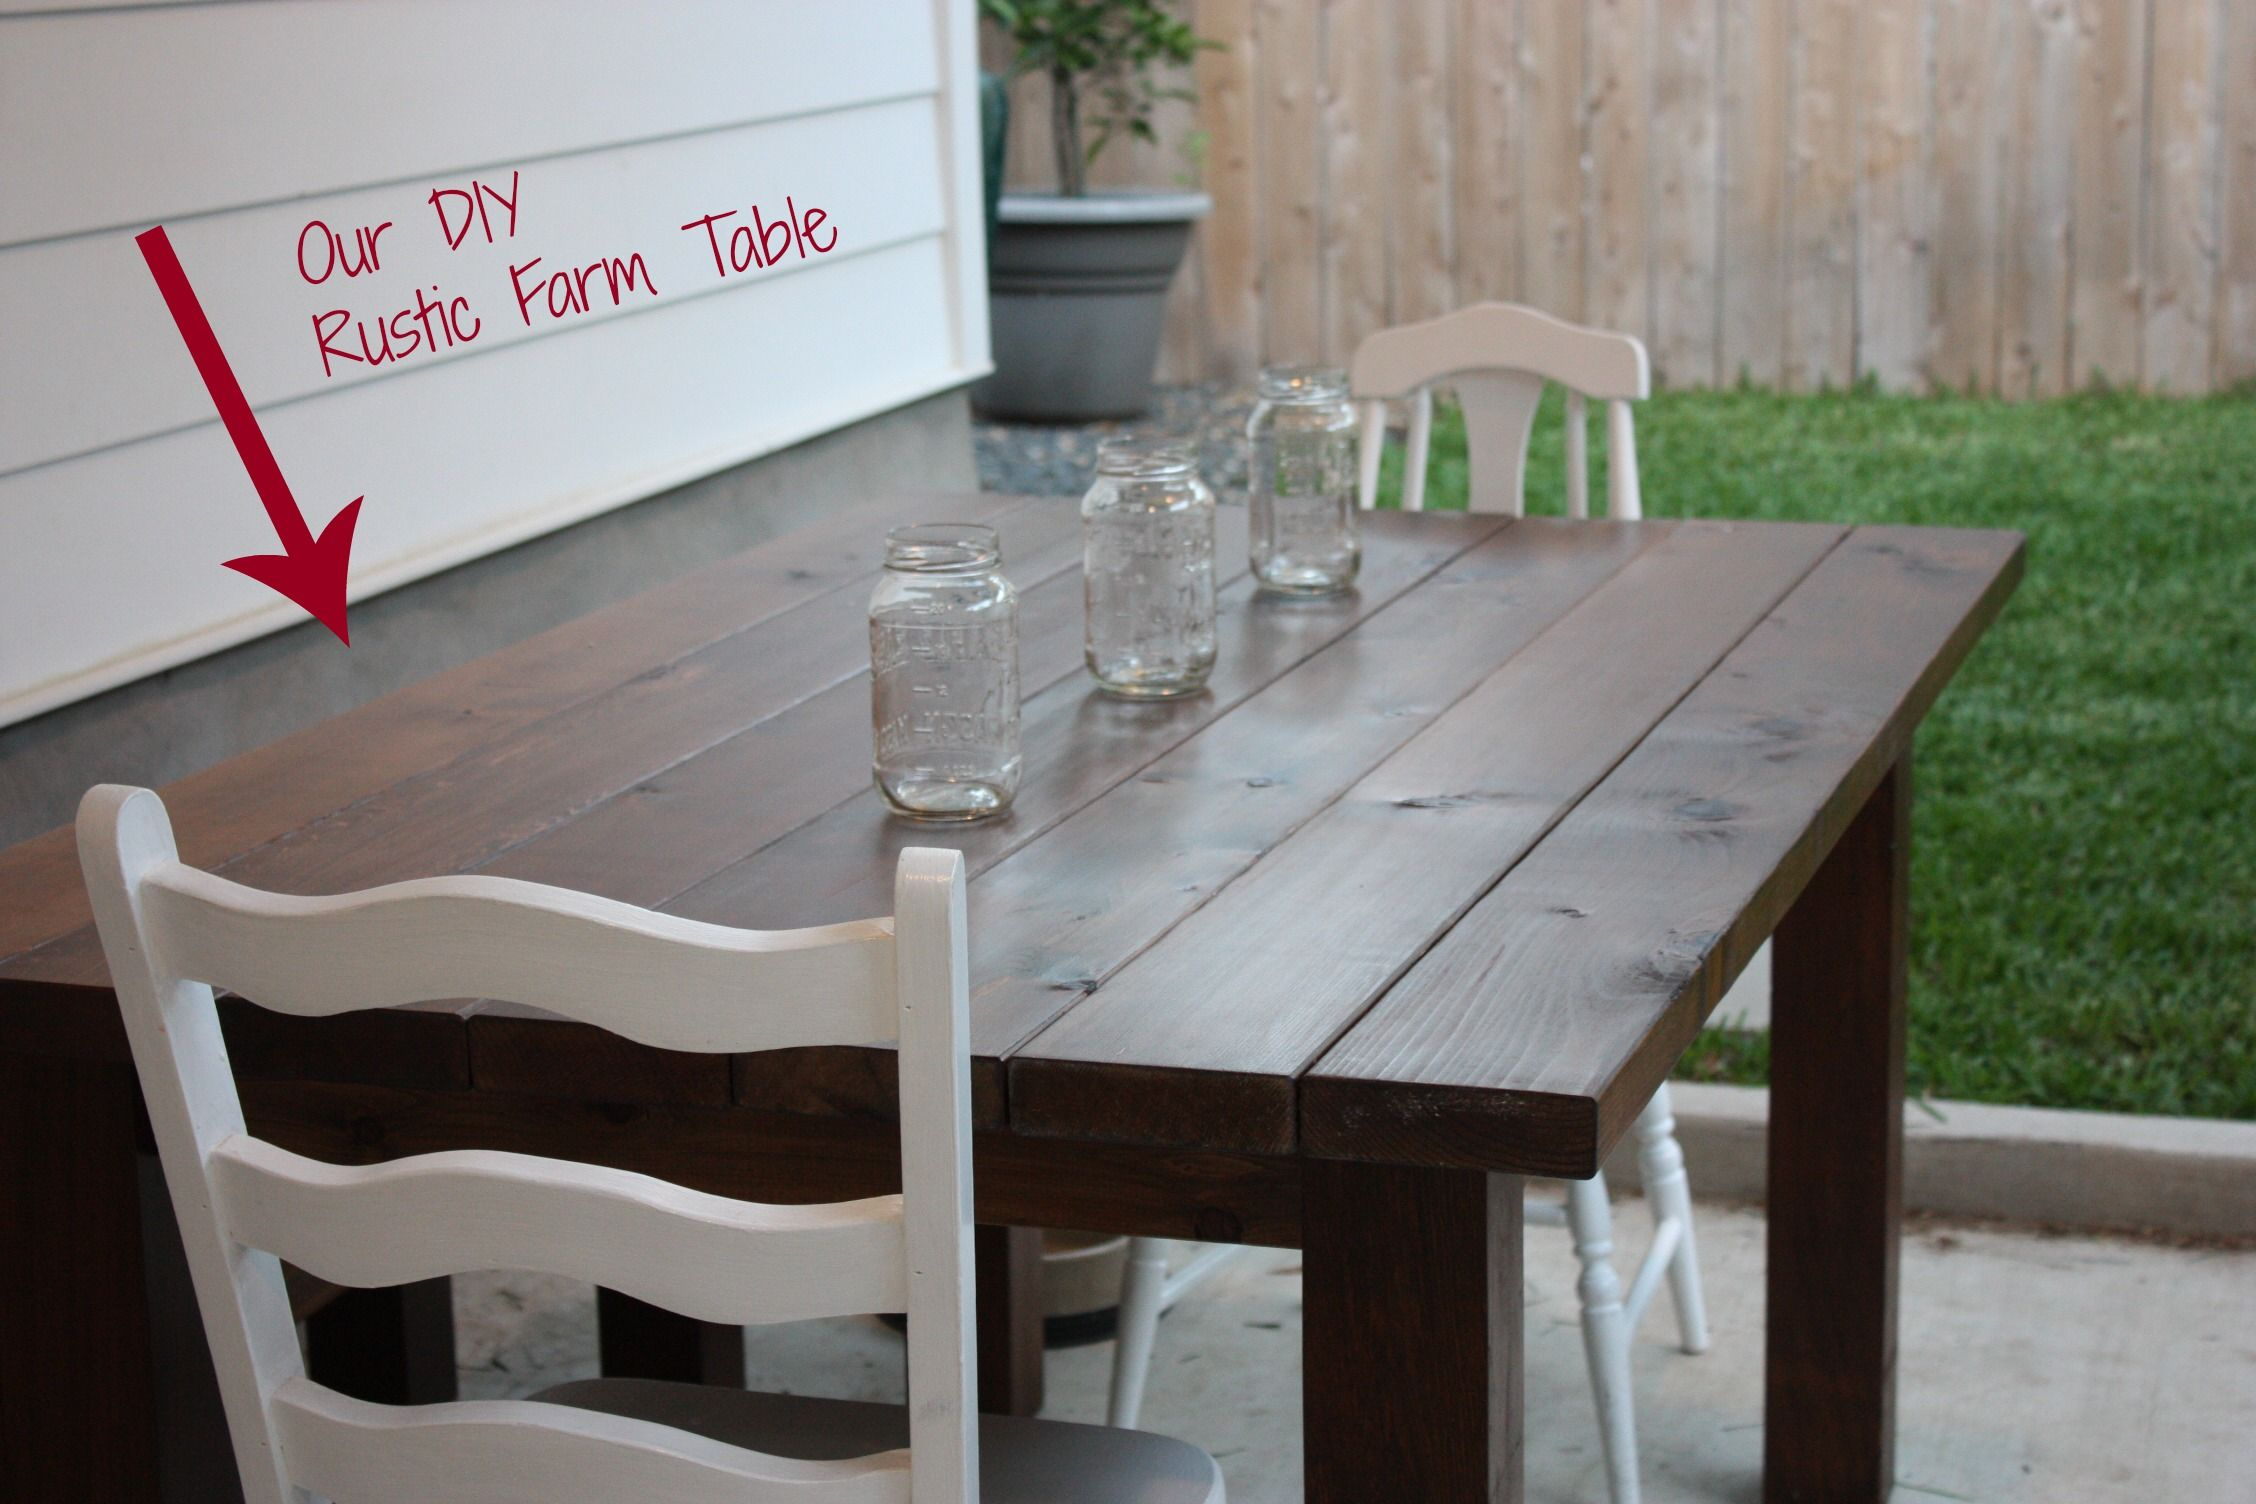 Our DIY Farm Table Farm table, Rustic farm table